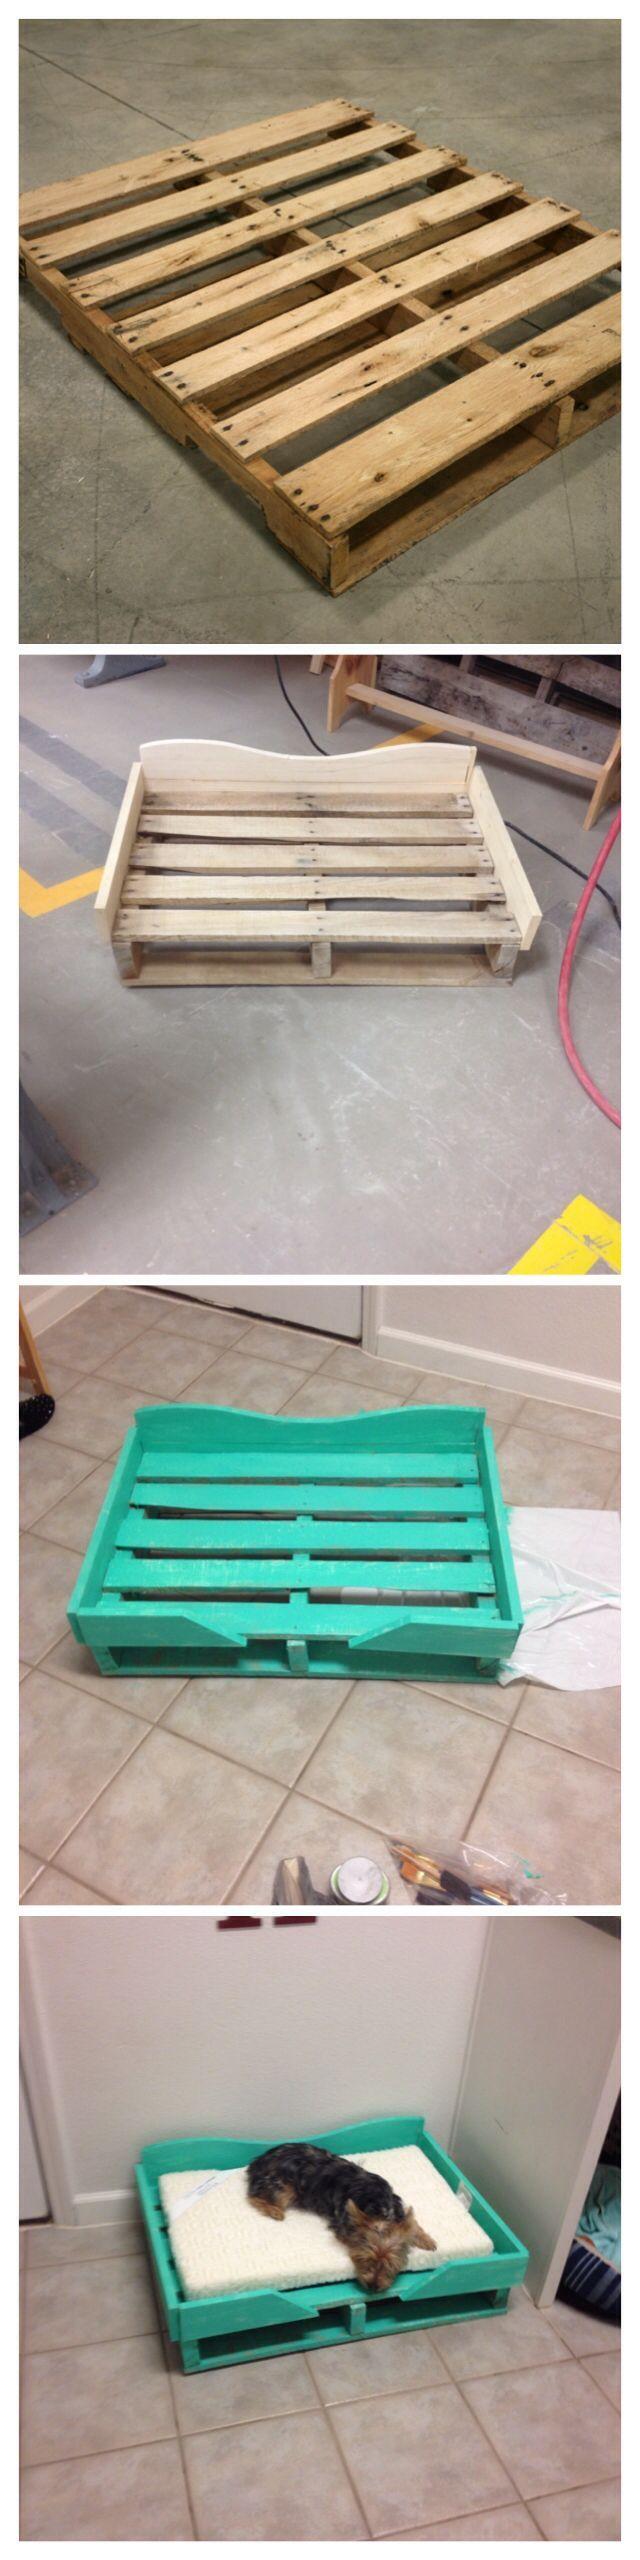 DIY Wood Pallet Dog Bed                                                                                                                                                      Más